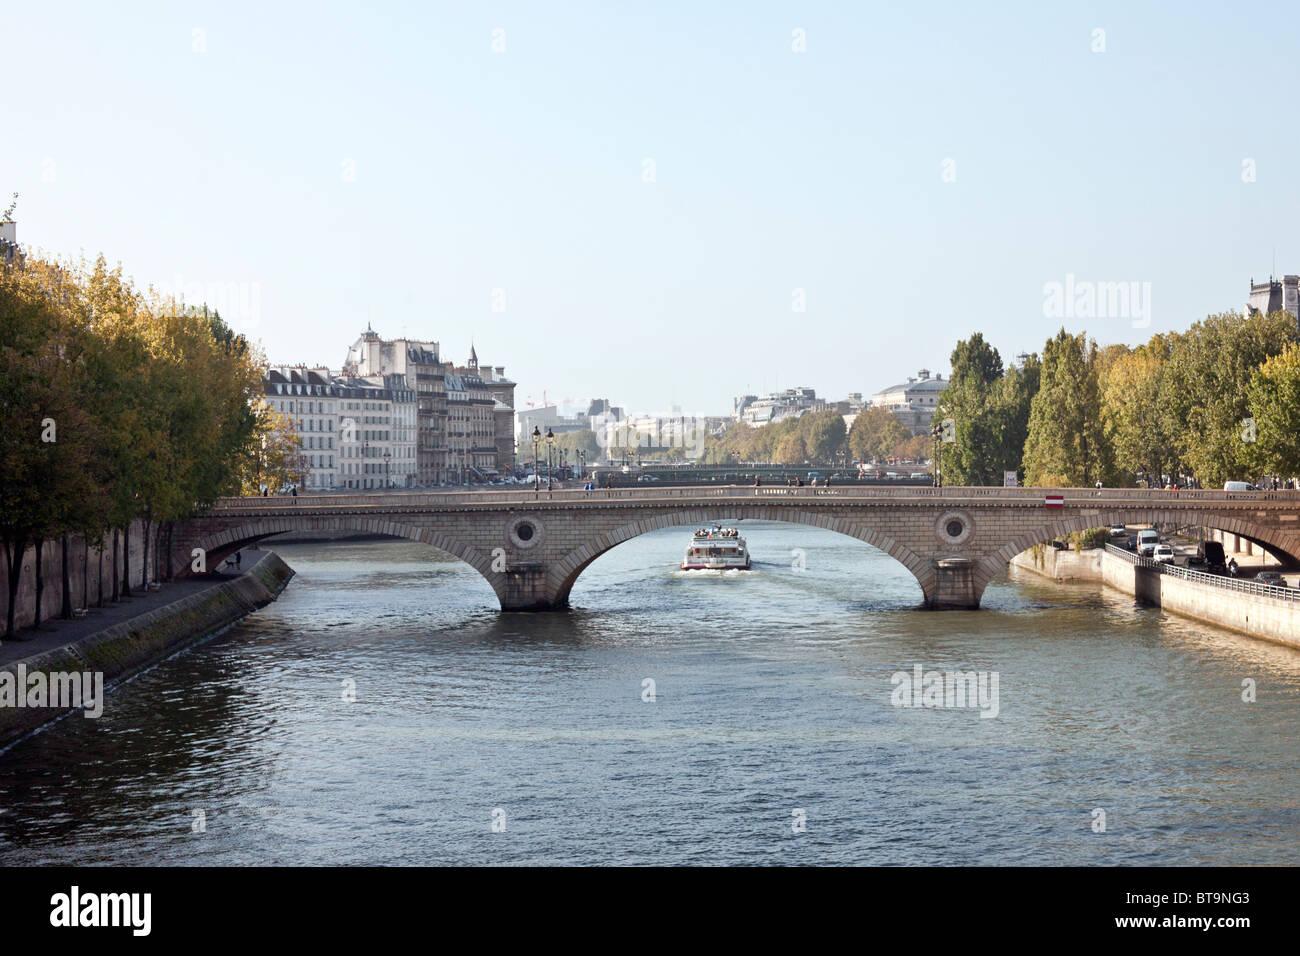 view of graceful arches Pont Louis Phillipe & Ile de la Cite beyond, with Quai de Bourbon in left foreground - Stock Image